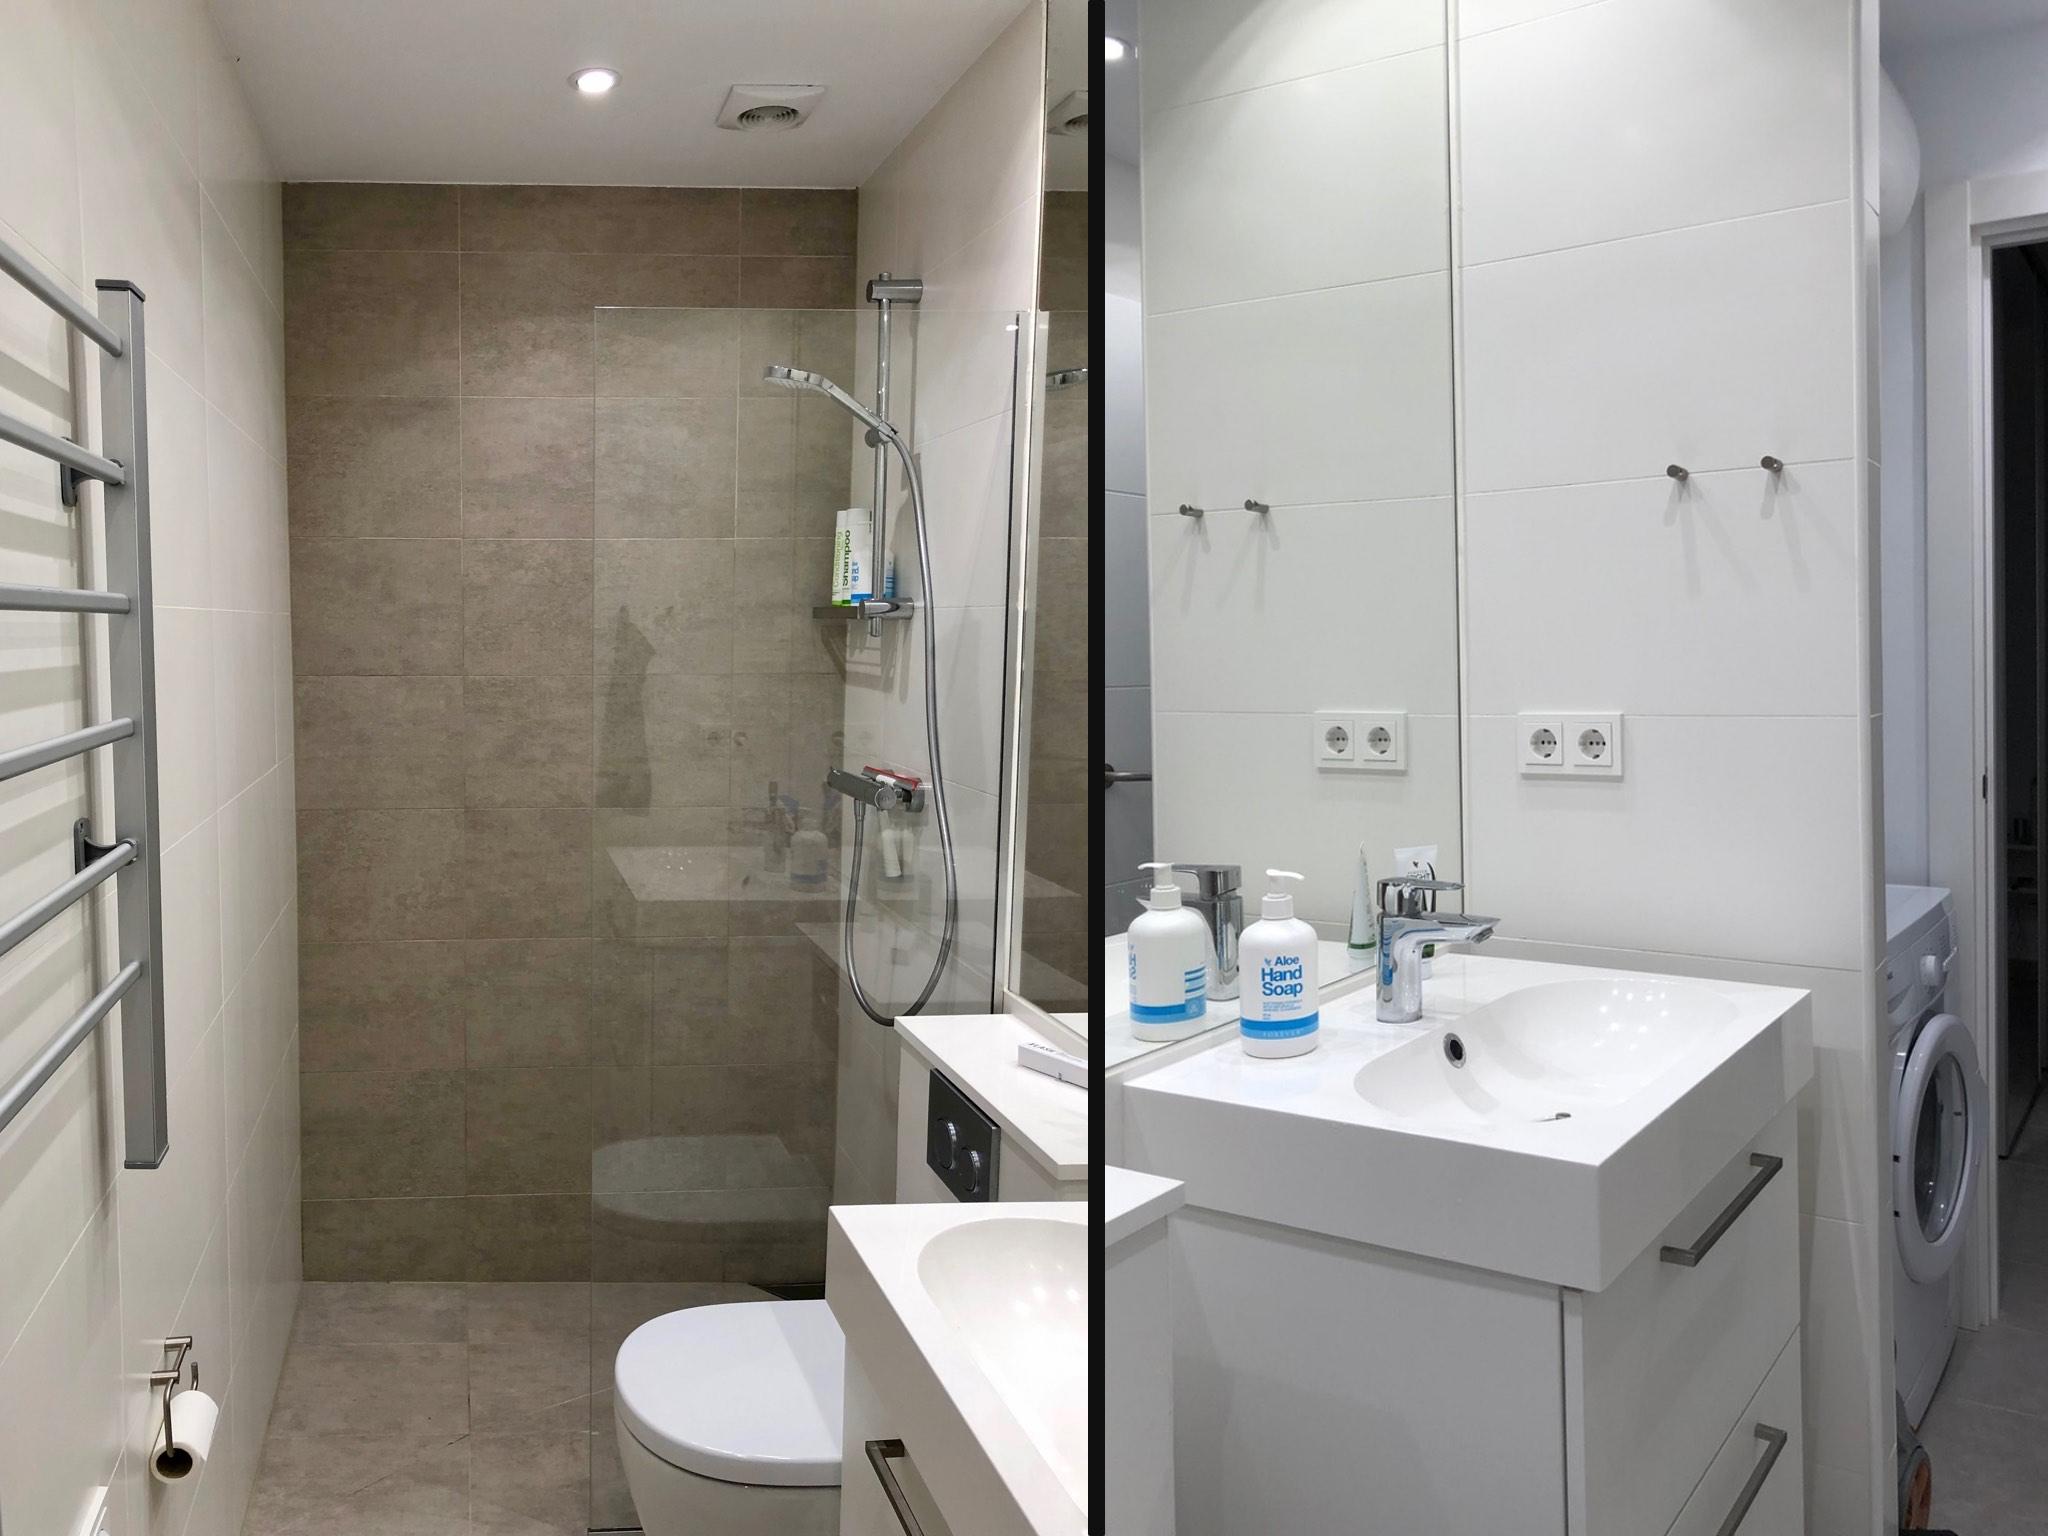 CN41 5 bathroom combined